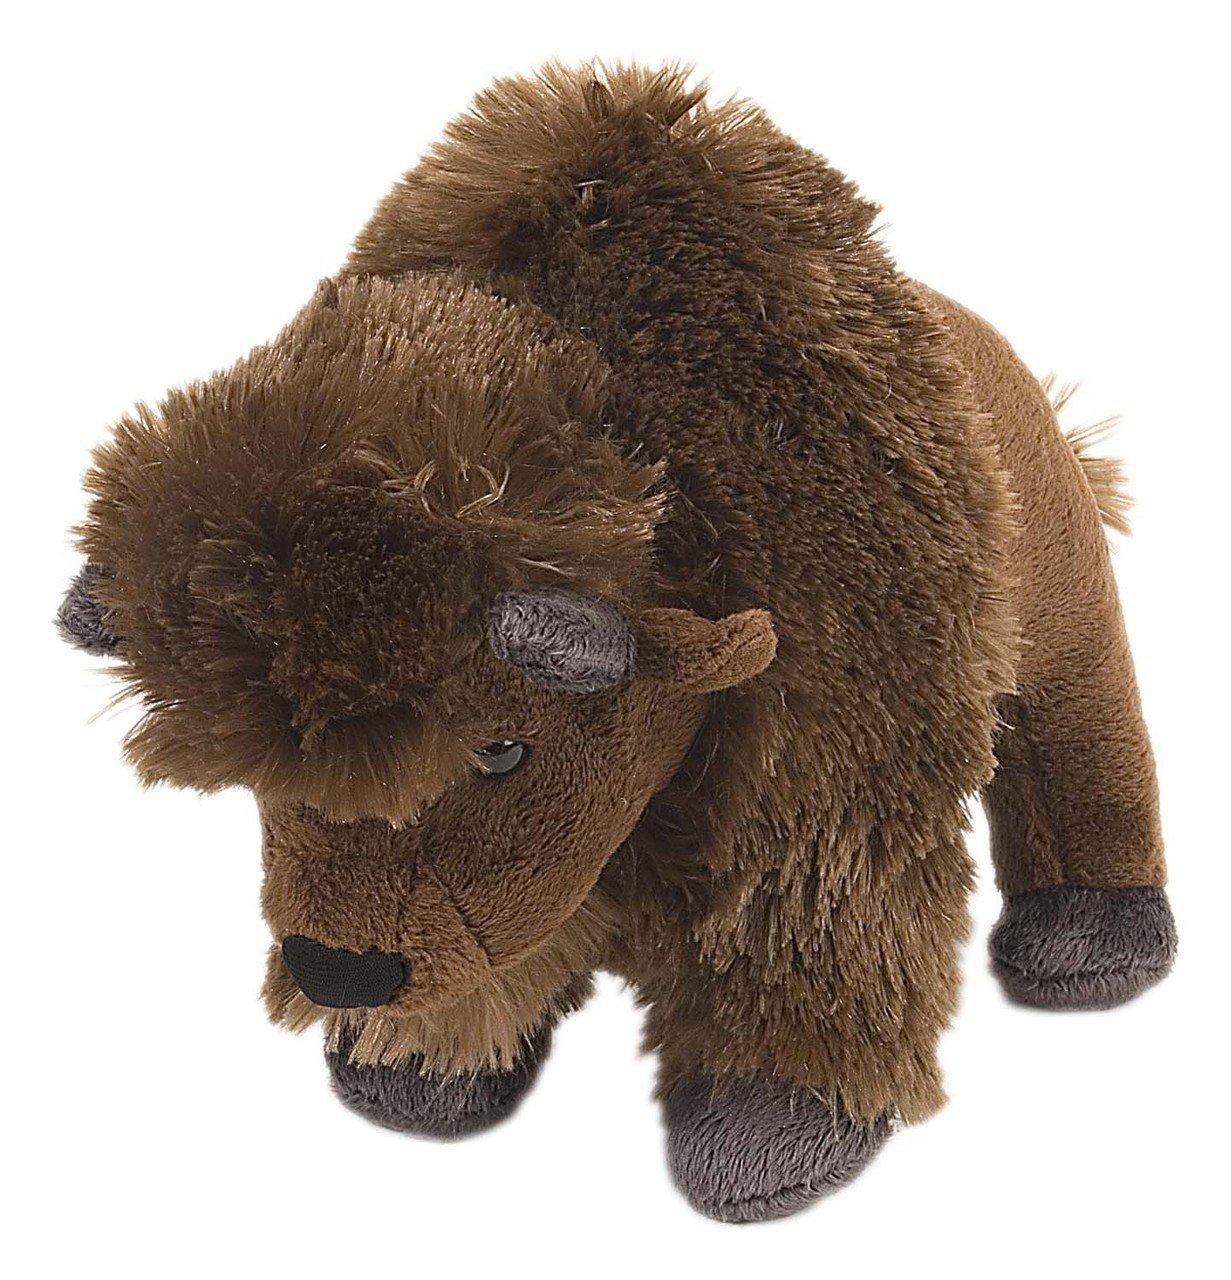 Bison stuffed animal